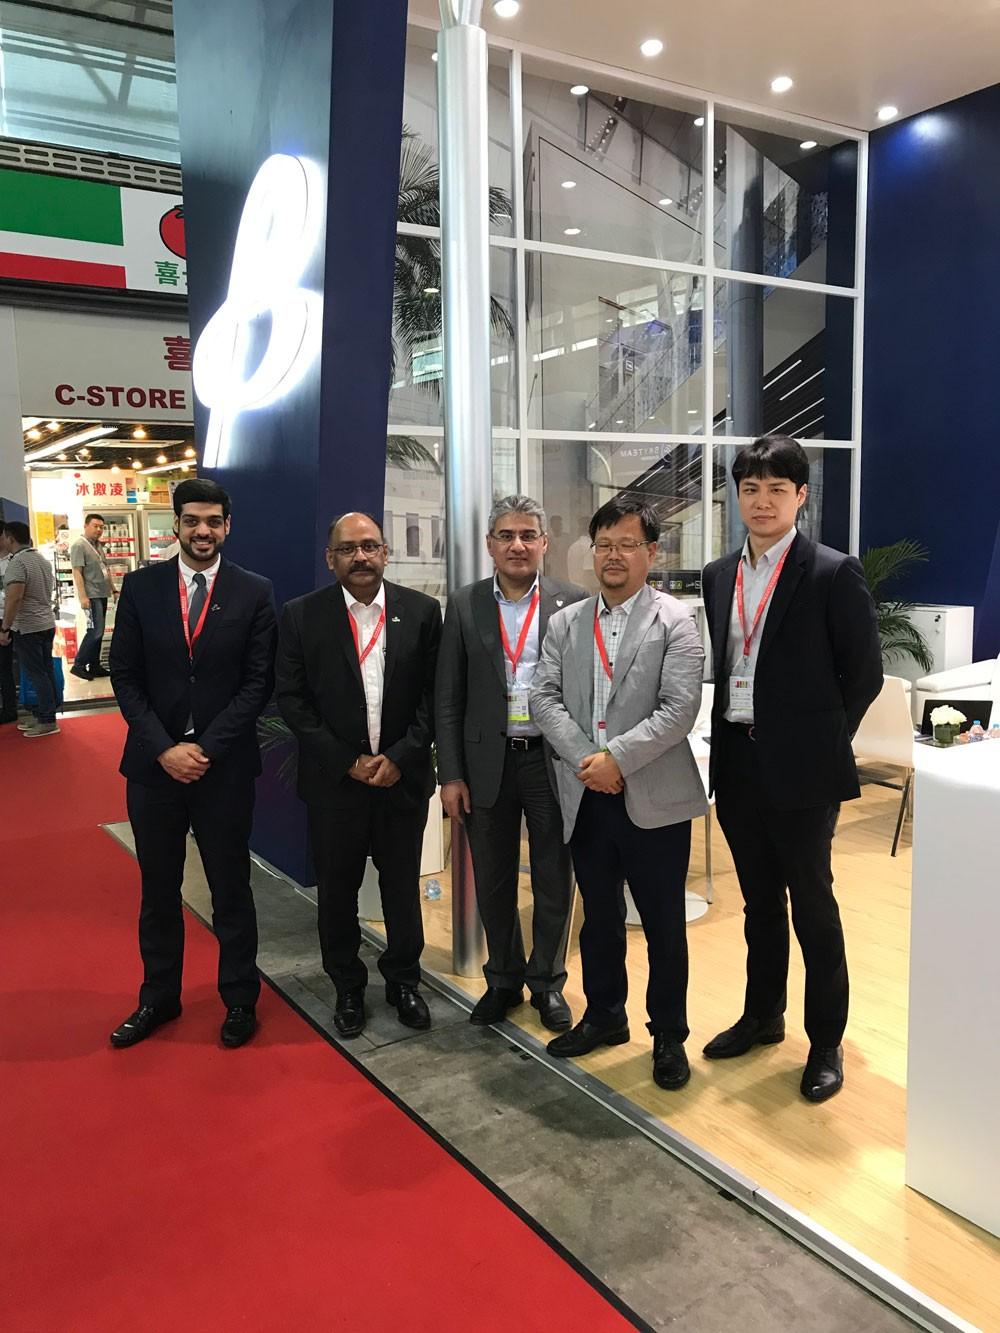 شركة مطار البحرين تعرض توسعها في مجال الشحن في معرض الشحن الجوي 2018 في الصين